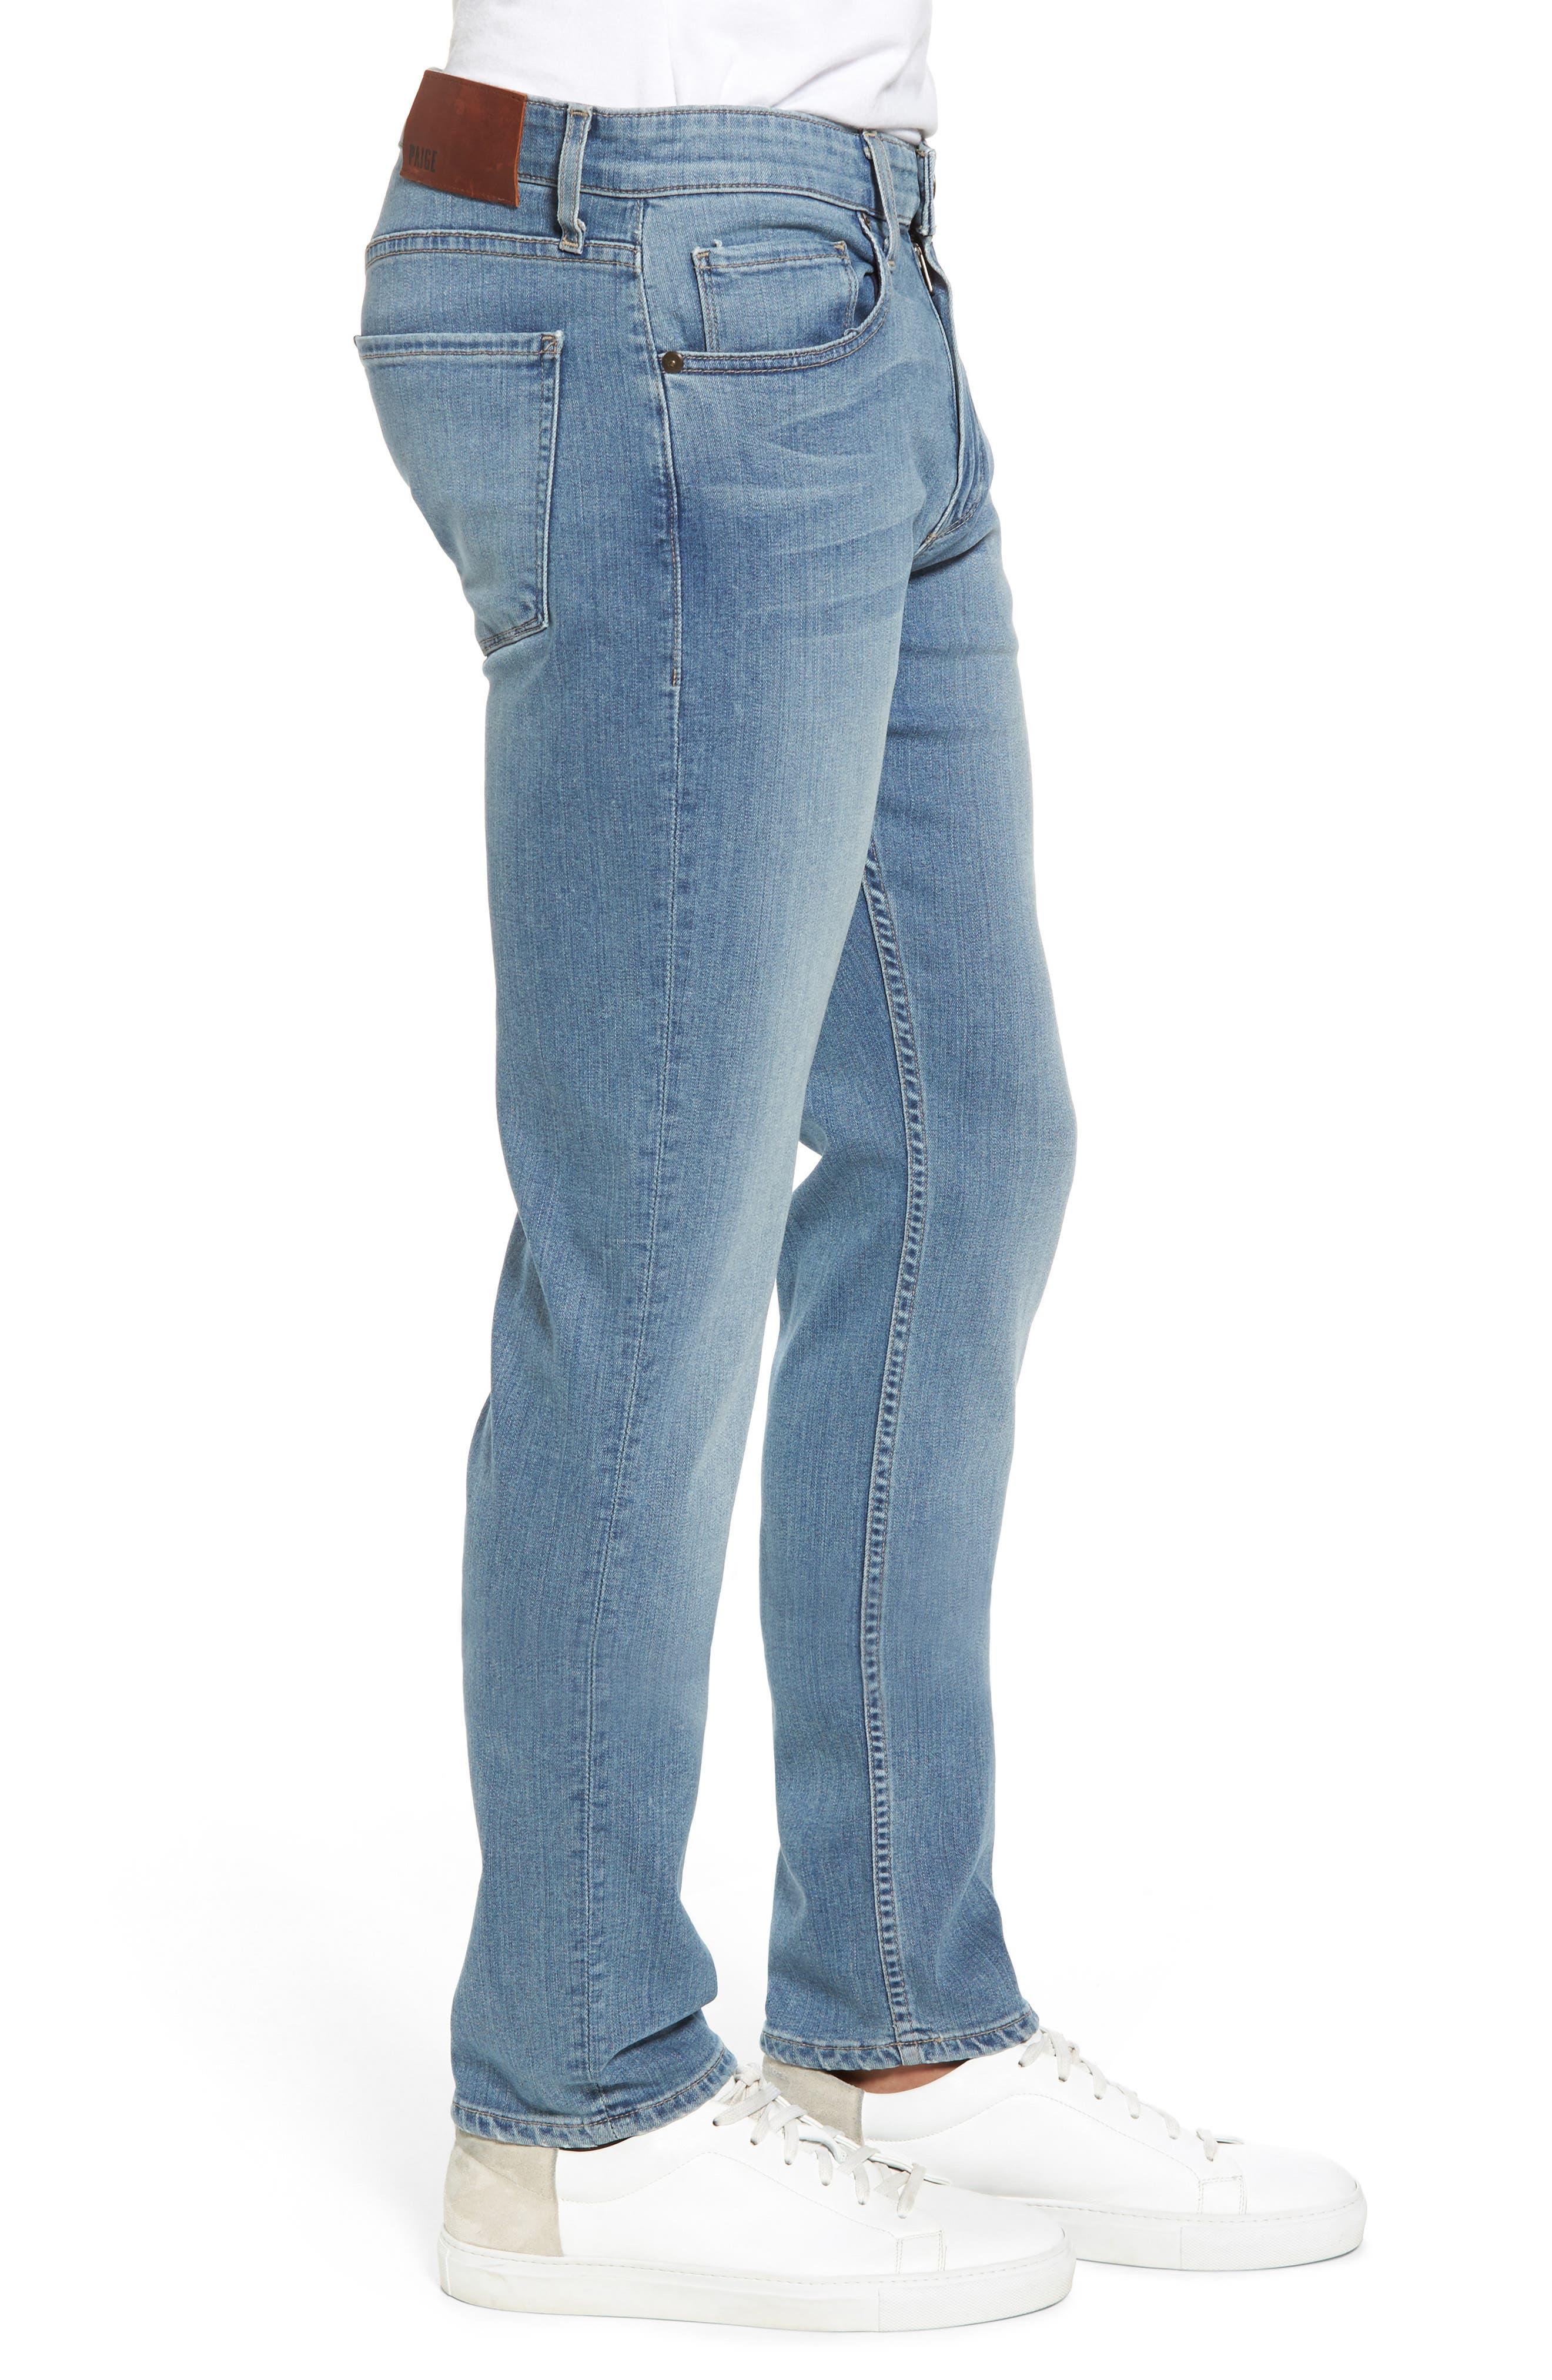 Transcend - Lennox Slim Fit Jeans,                             Alternate thumbnail 3, color,                             Liam